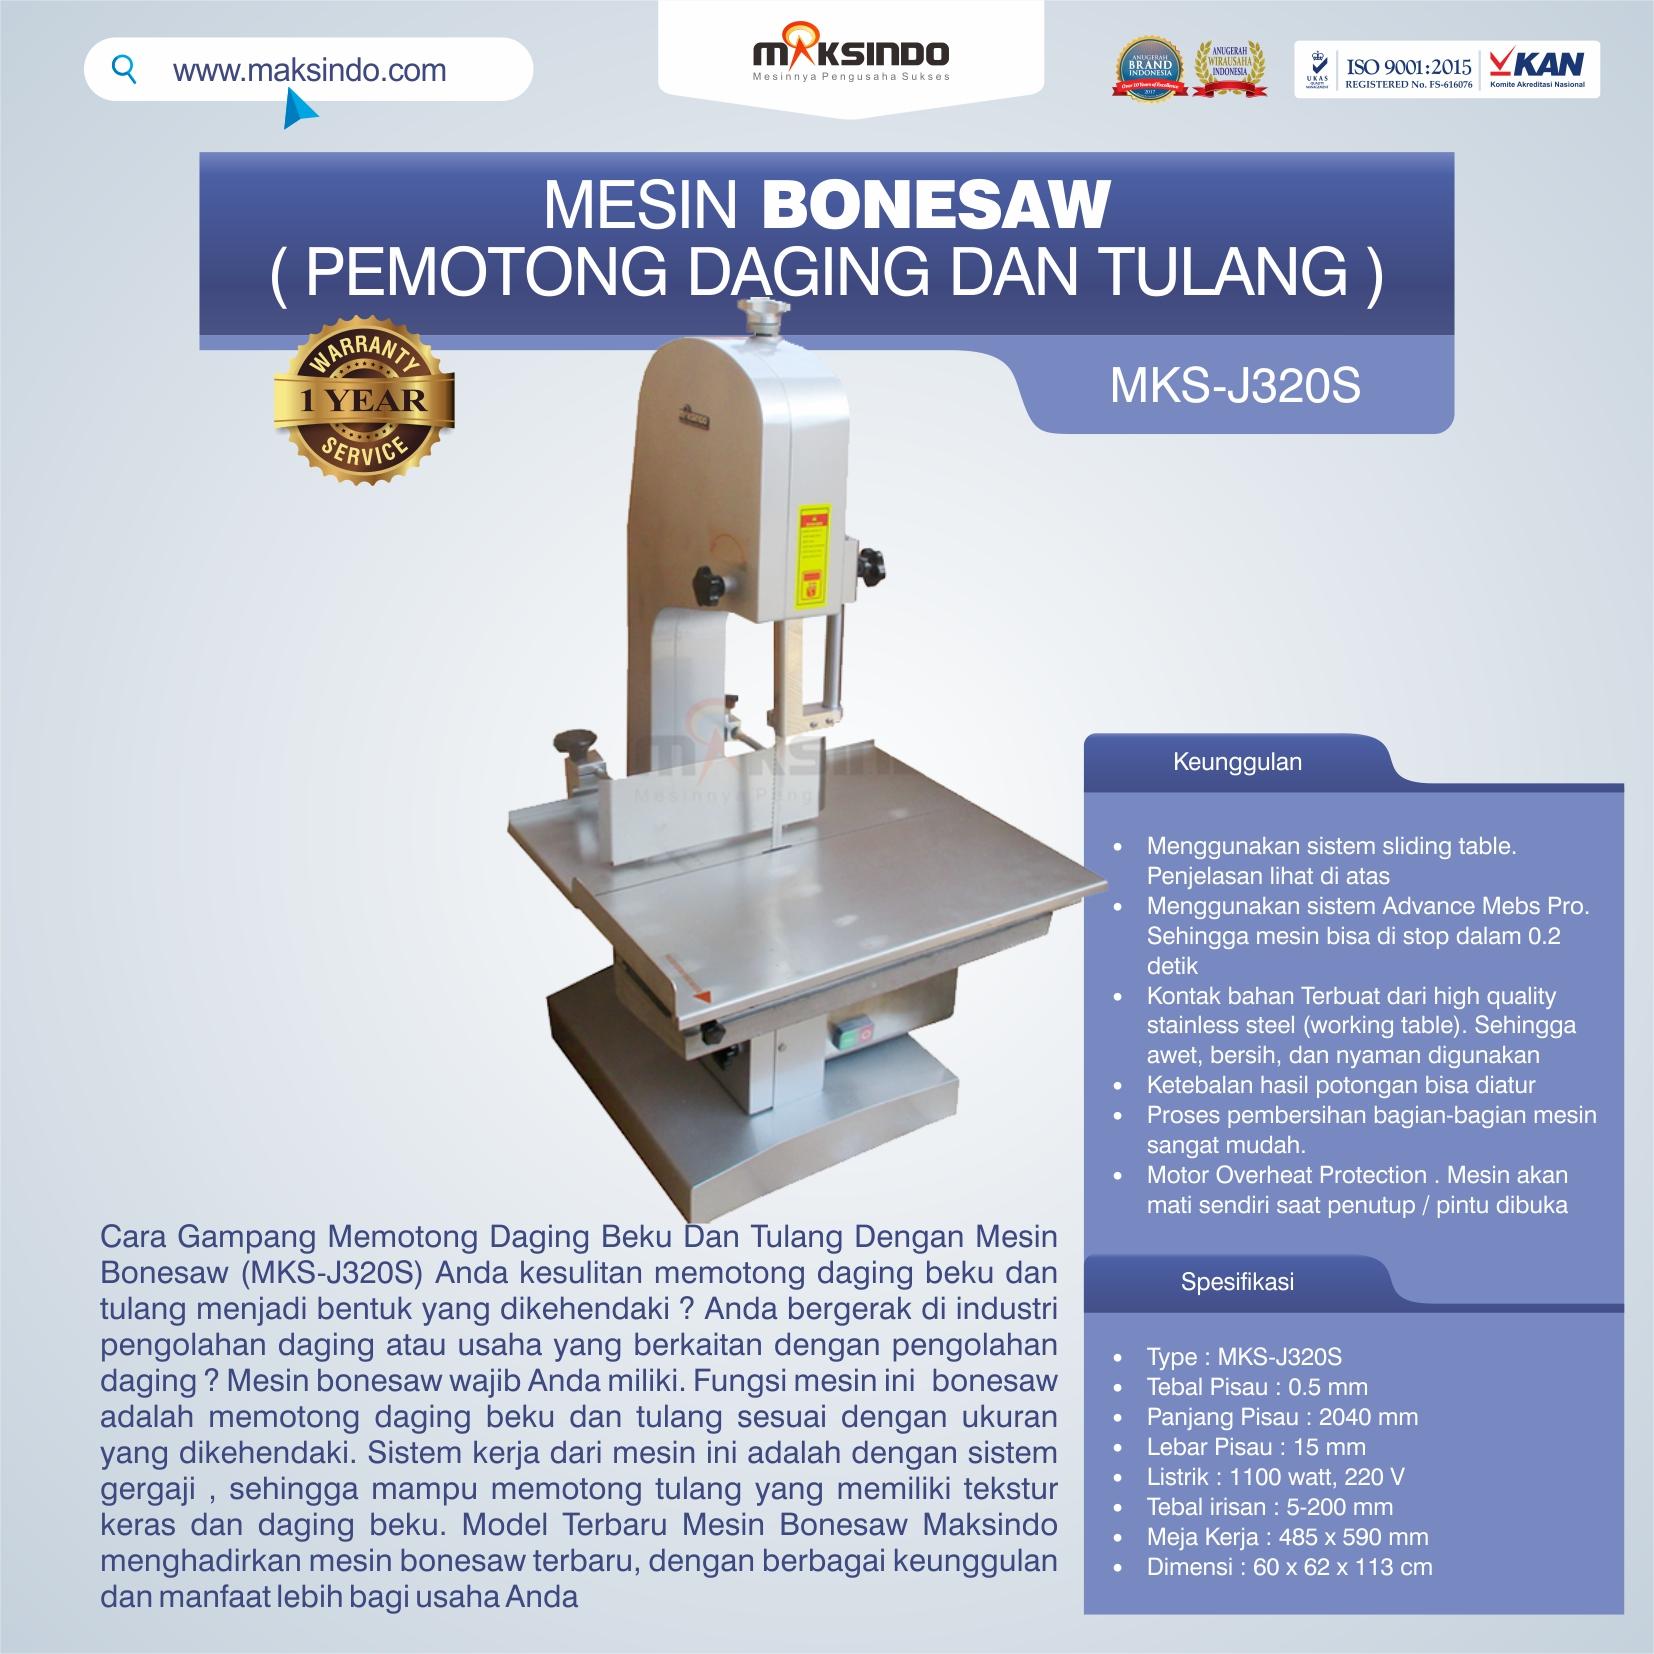 Jual Mesin Bonesaw MKS-J320S (pemotong daging dan tulang) di Bandung